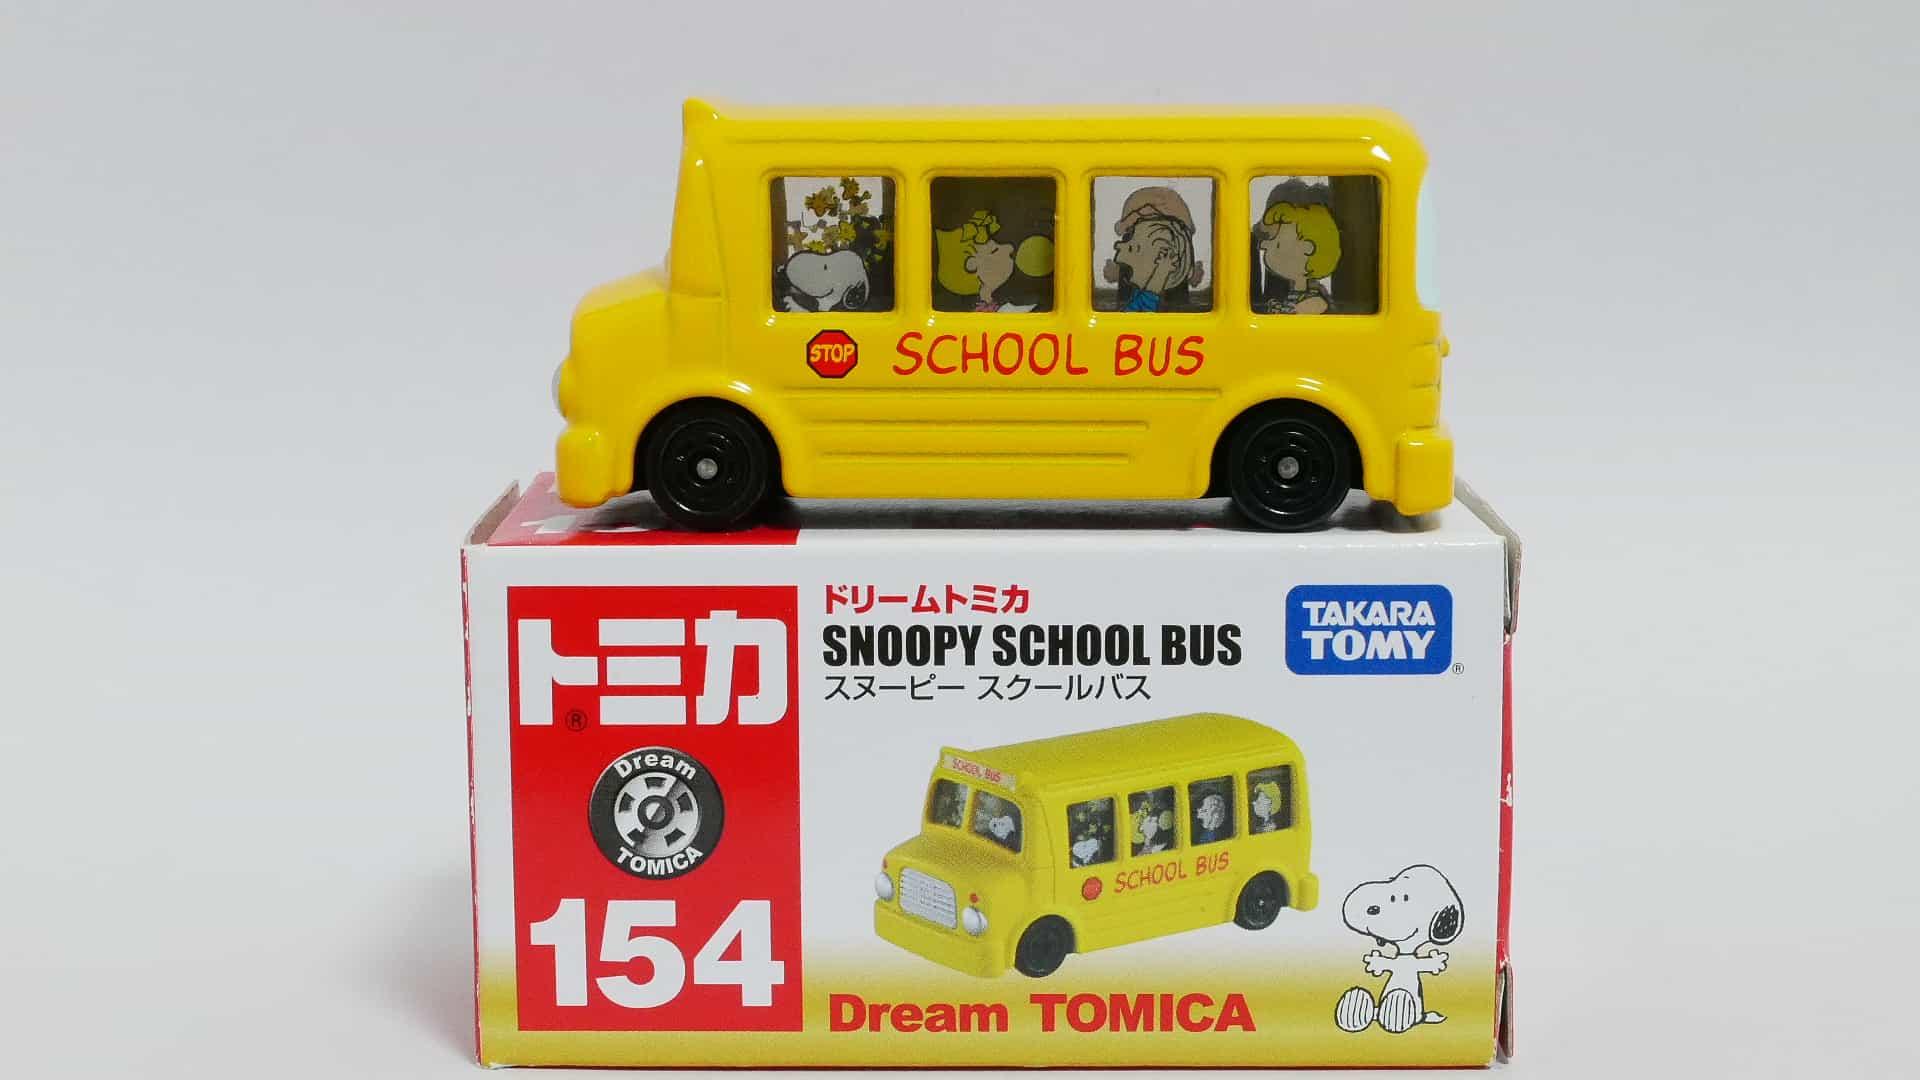 ドリームトミカNo.154-1スヌーピースクールバス-箱